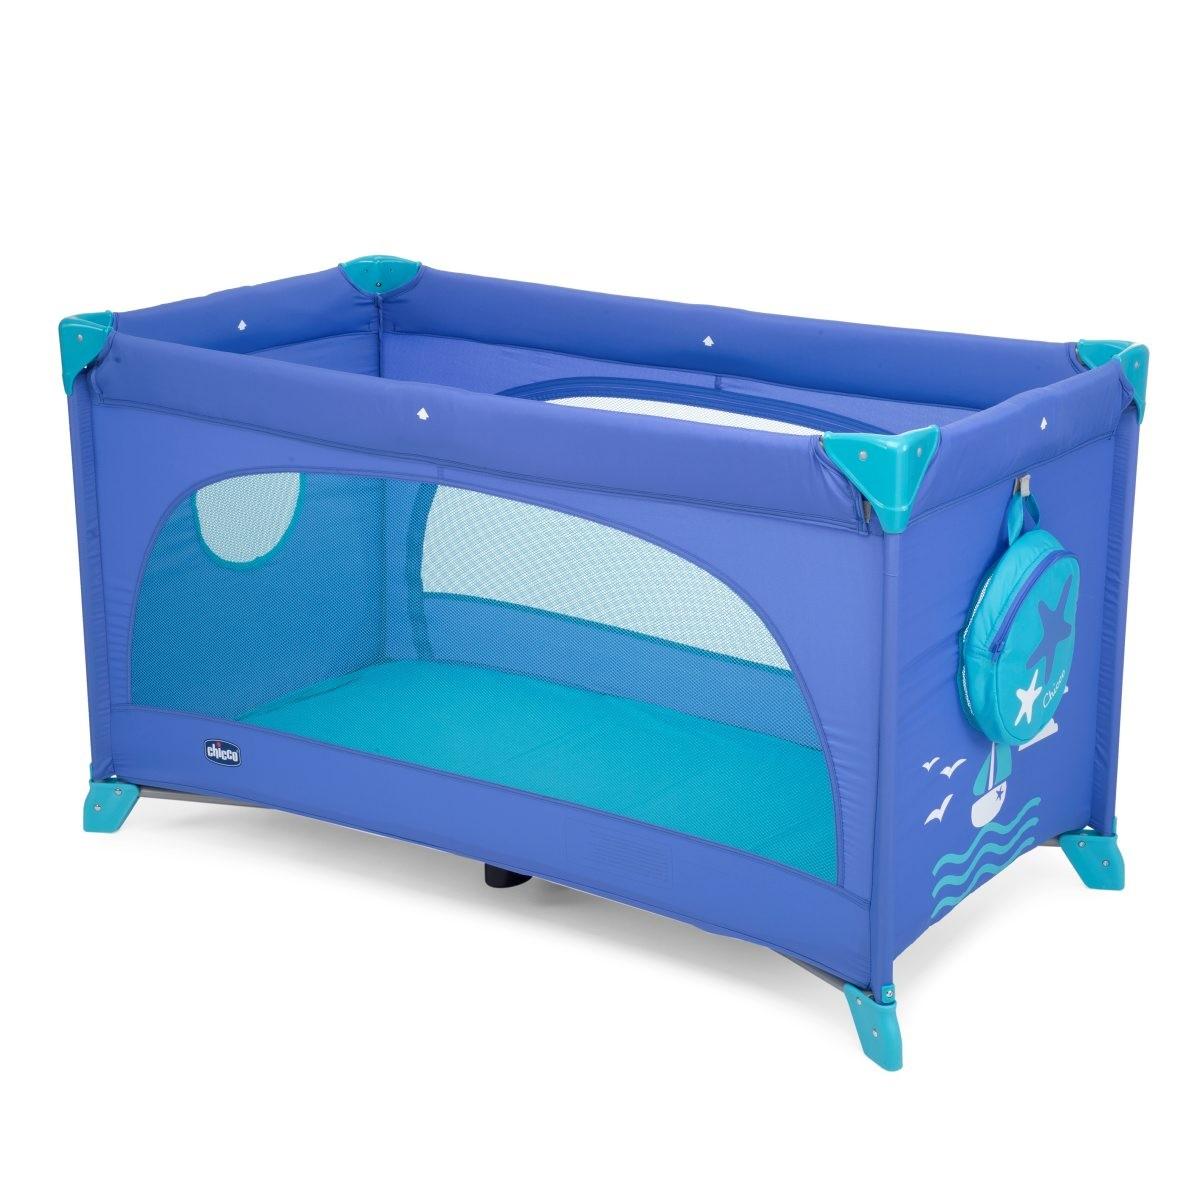 Łóżeczko podróżne dla dziecka